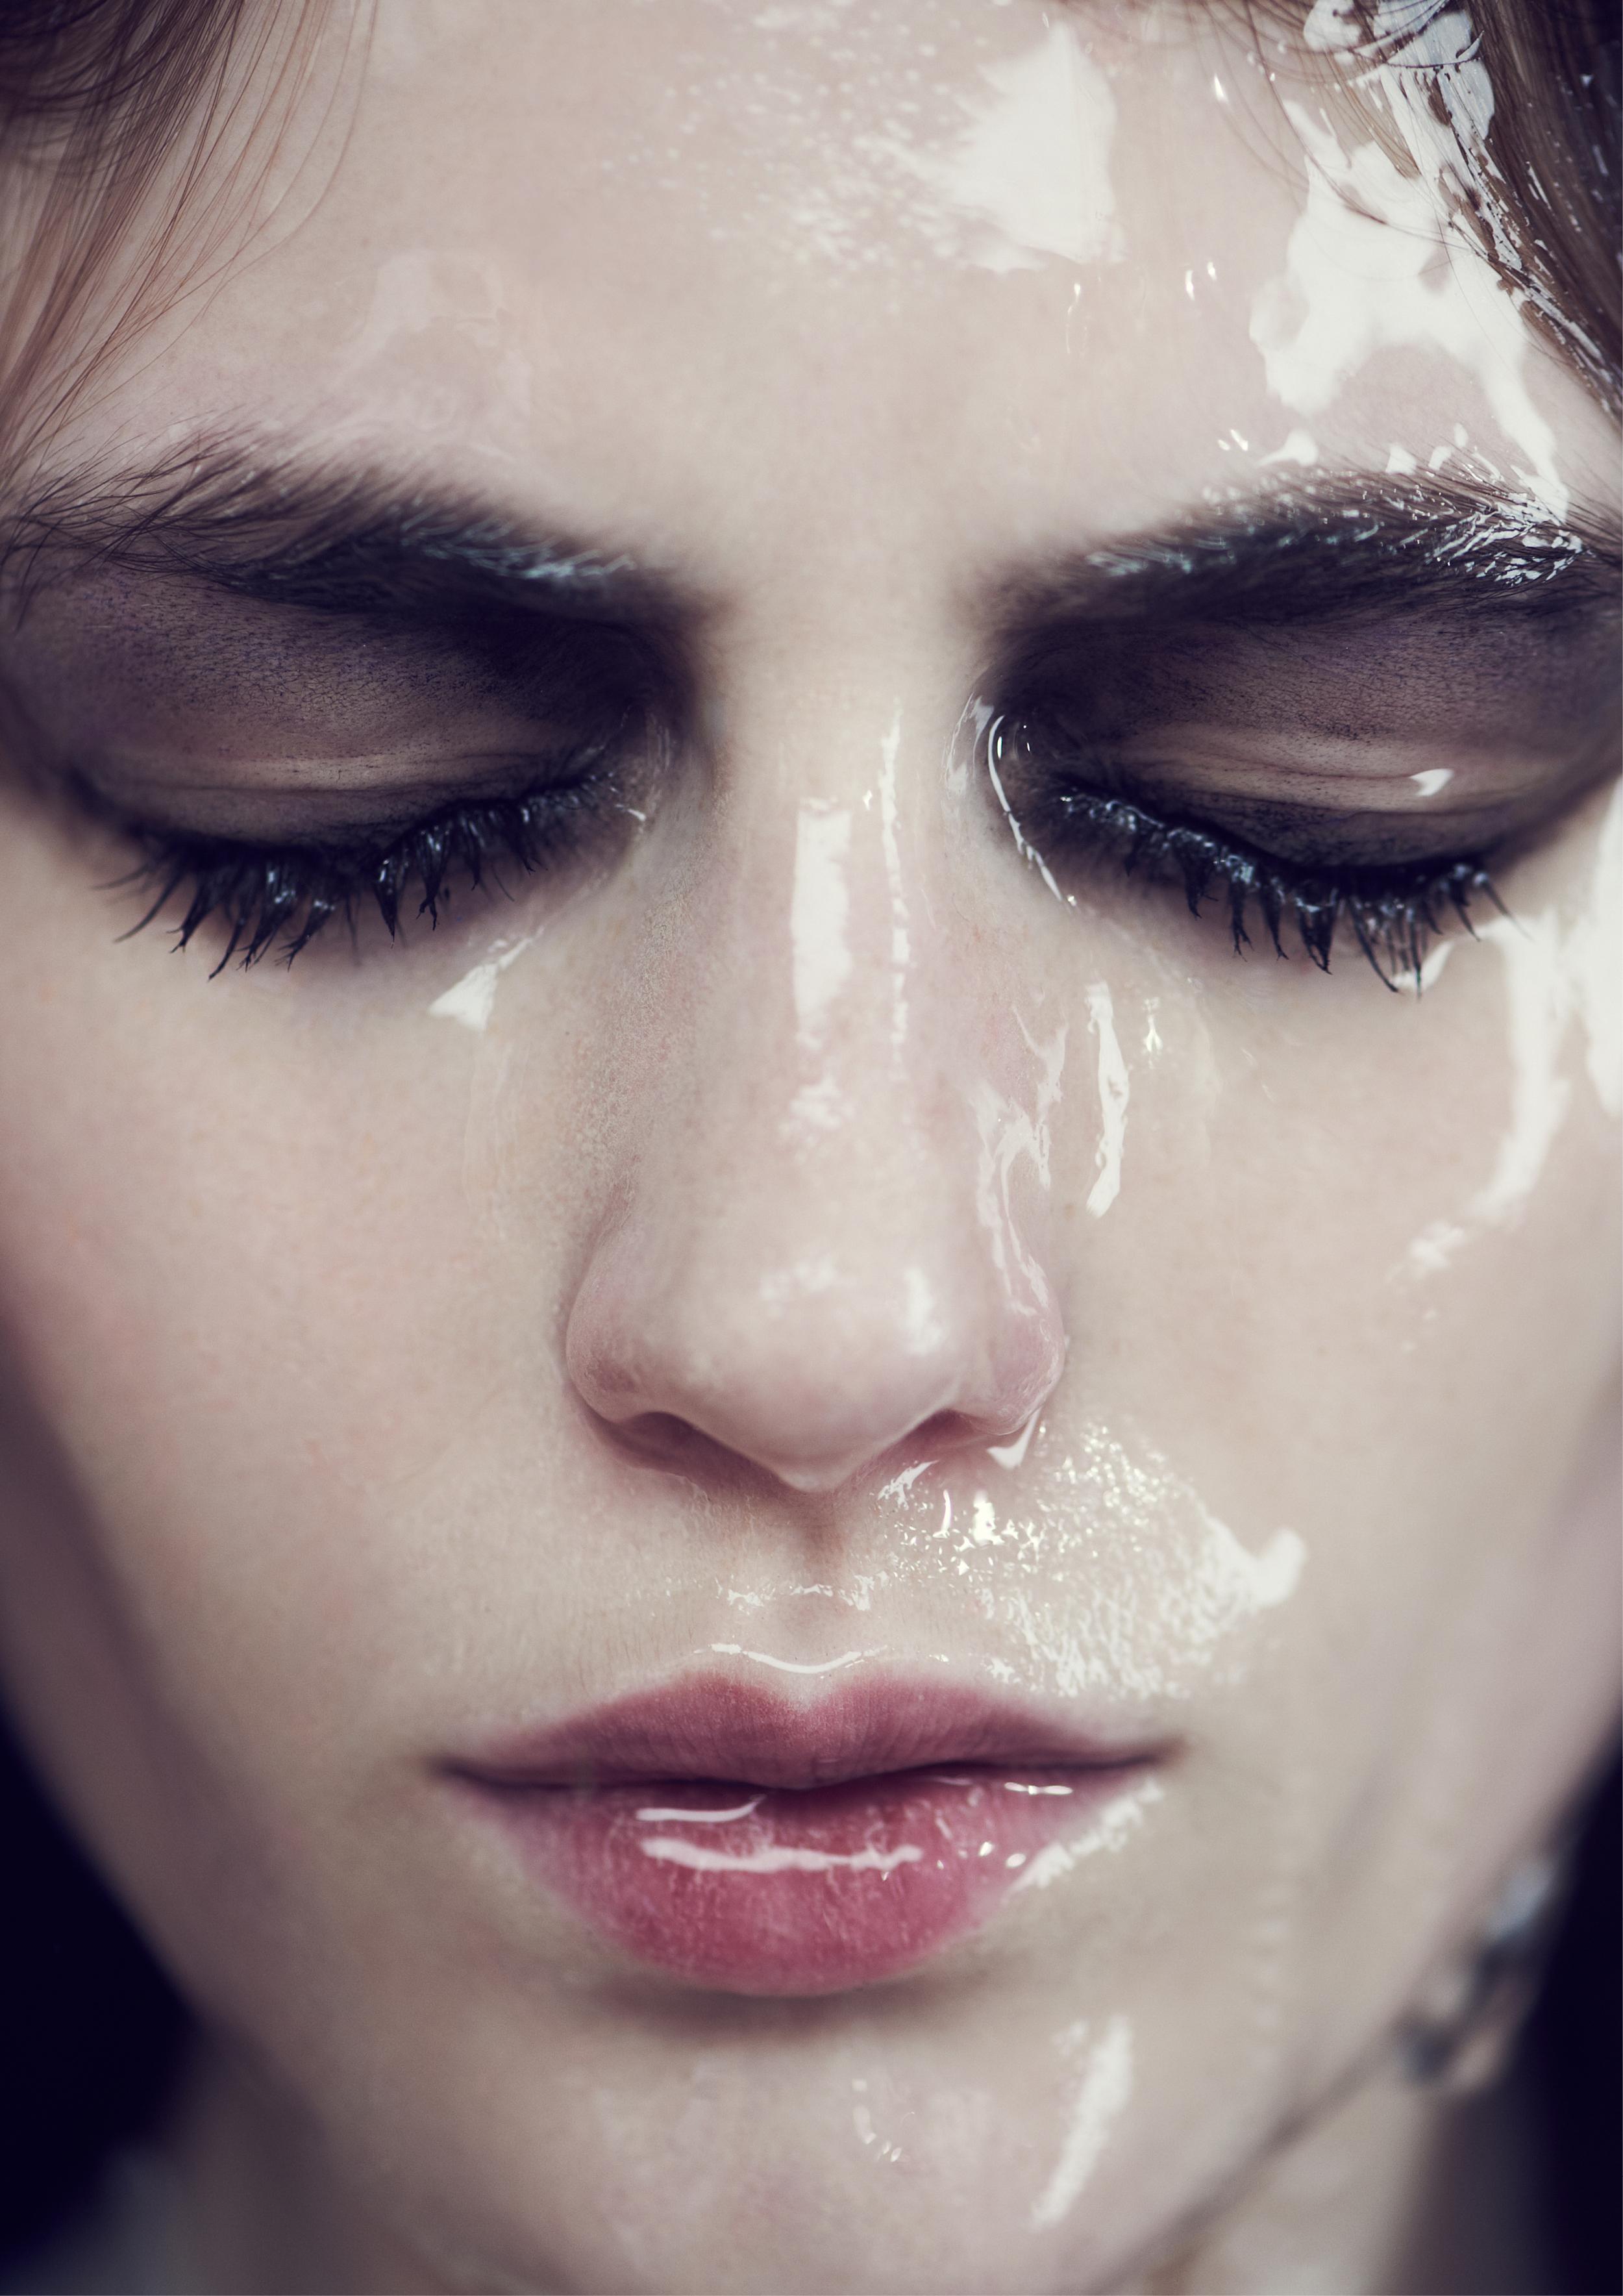 Image:    Twenty6 magazine    . Photography by Jason Hetherington.       Makeup by Wendy Turner   .